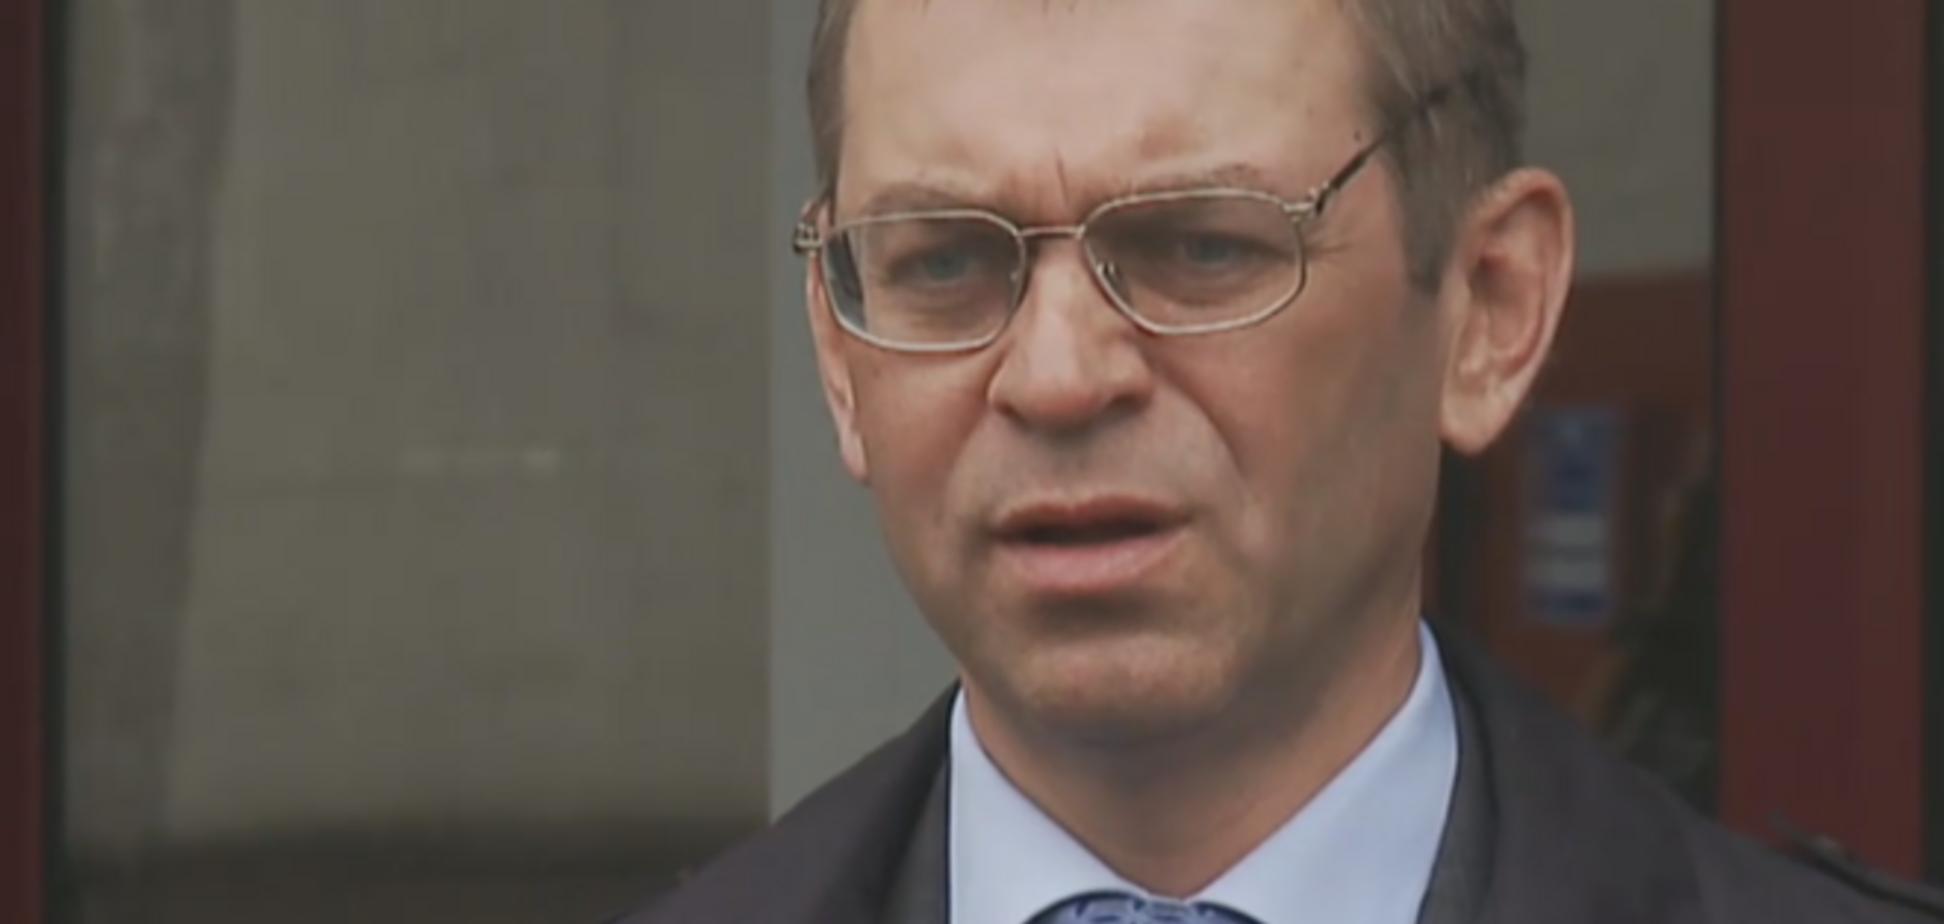 В Минске Путин обещал убить 500 и взять в плен 2 тыс. воинов АТО в Дебальцево - Пашинский